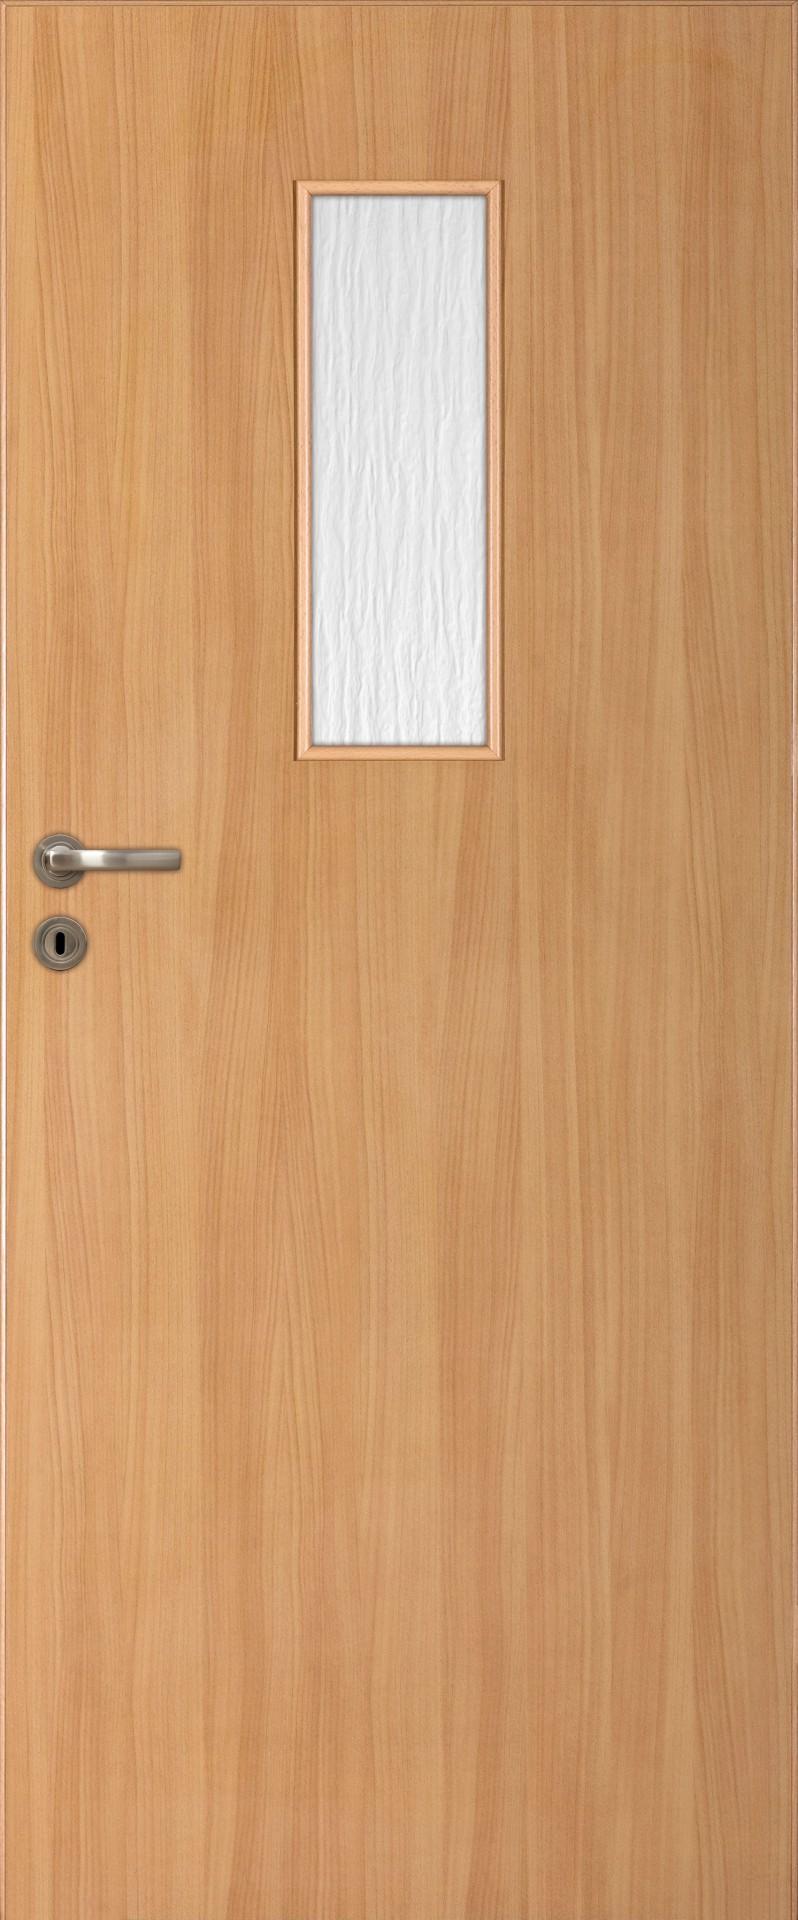 Dre dveře Lack 50, Šíře v cm 70